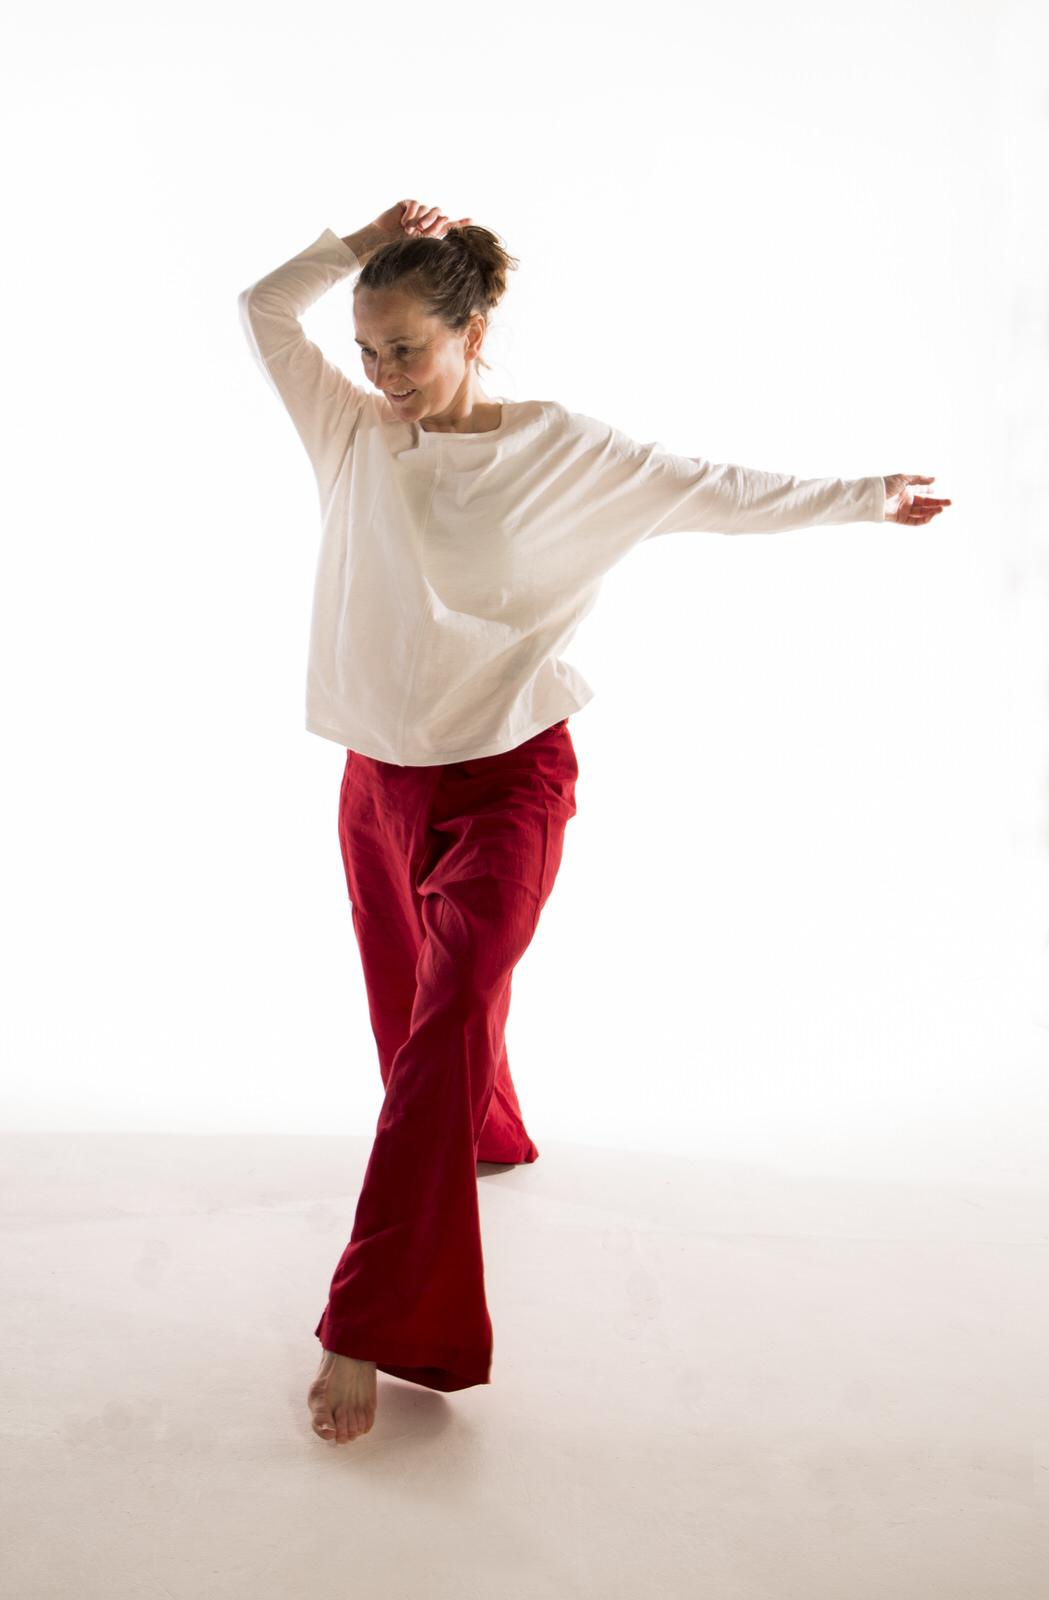 paula-turner-dance-artist.jpg